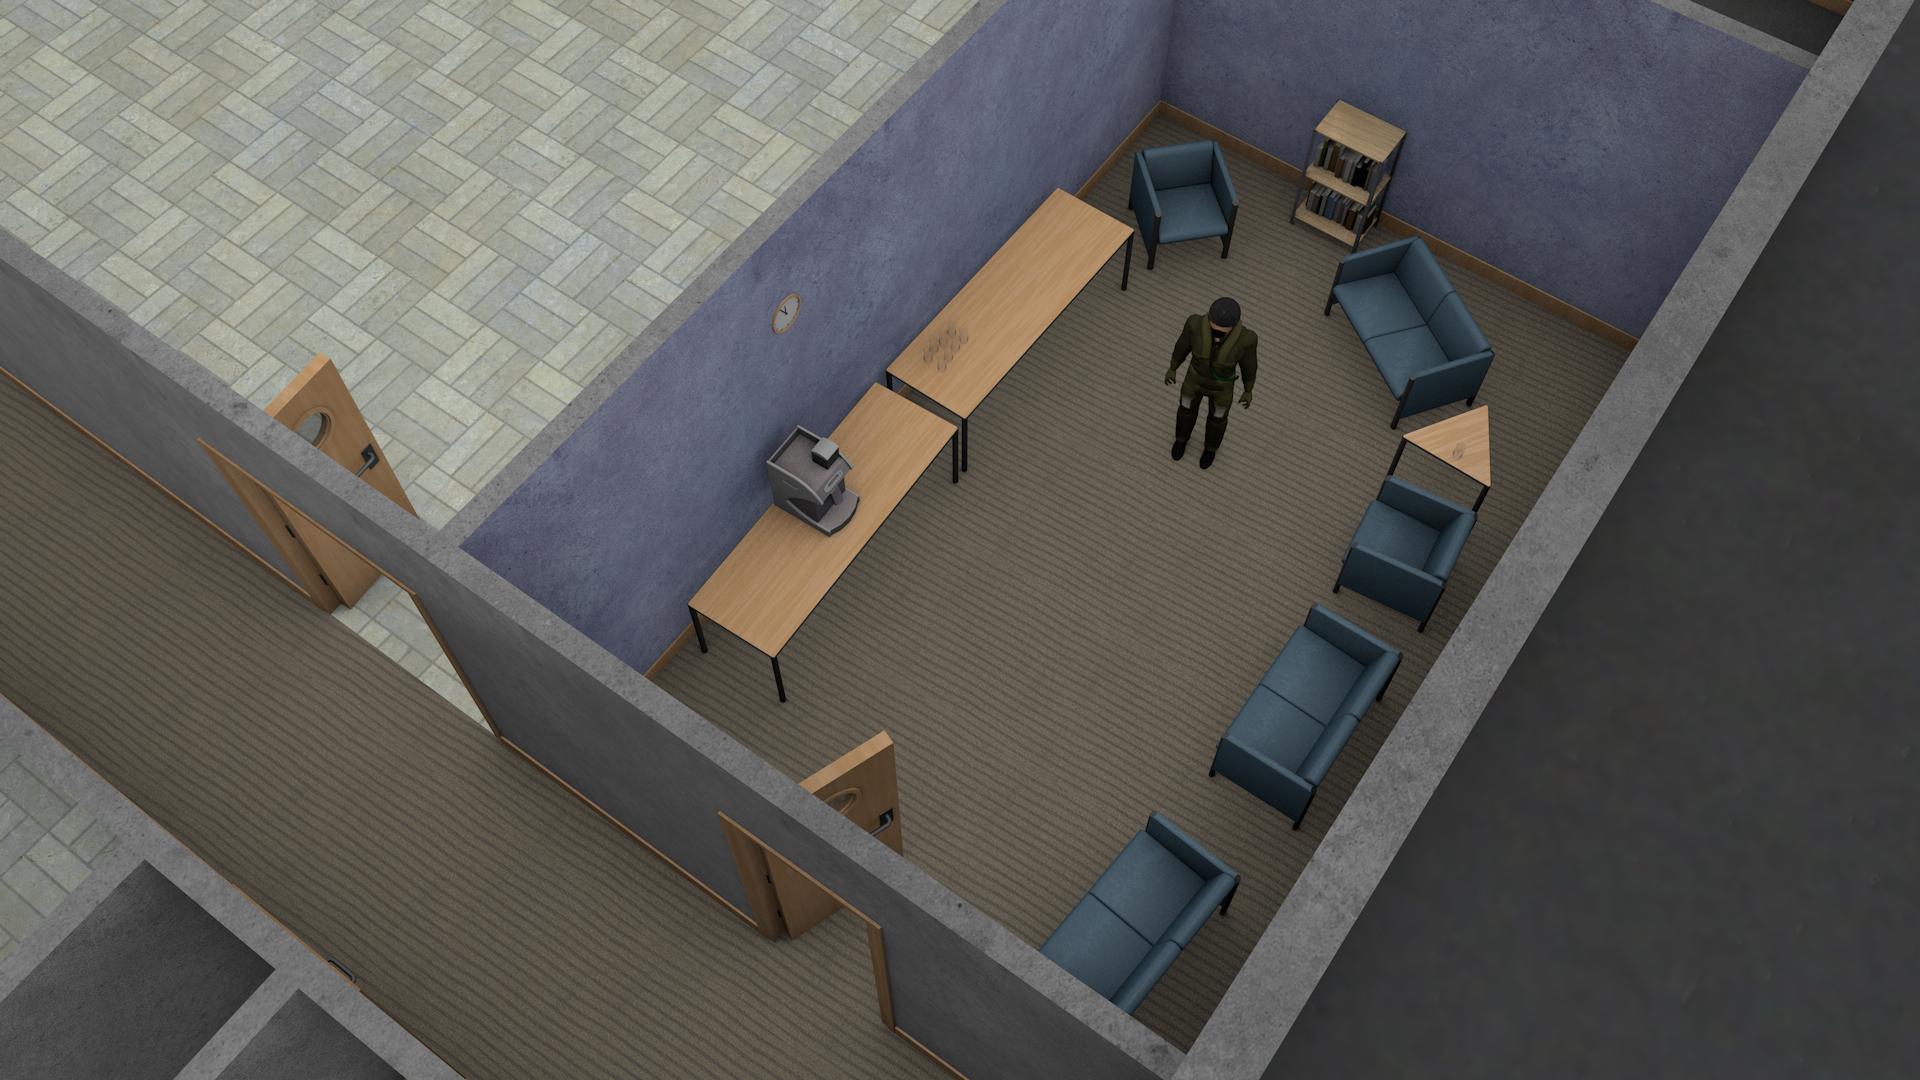 Pilot's break room